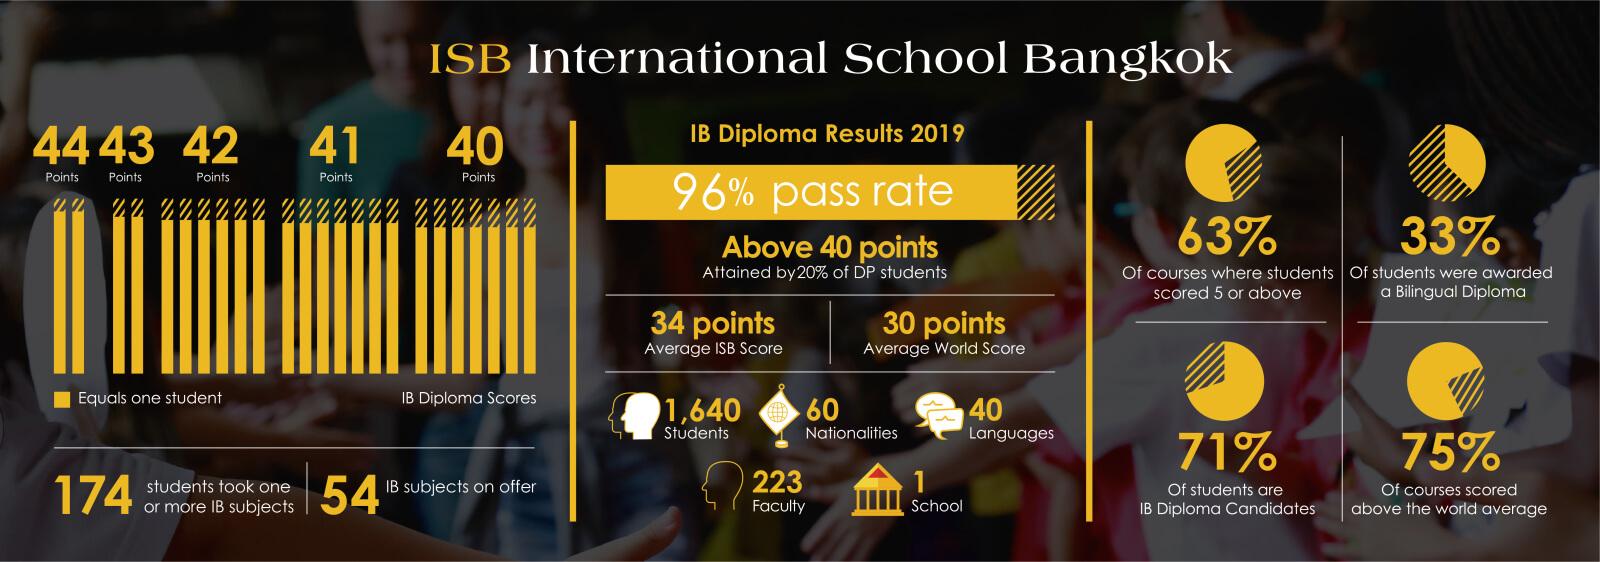 ib-result-2019-2020-01